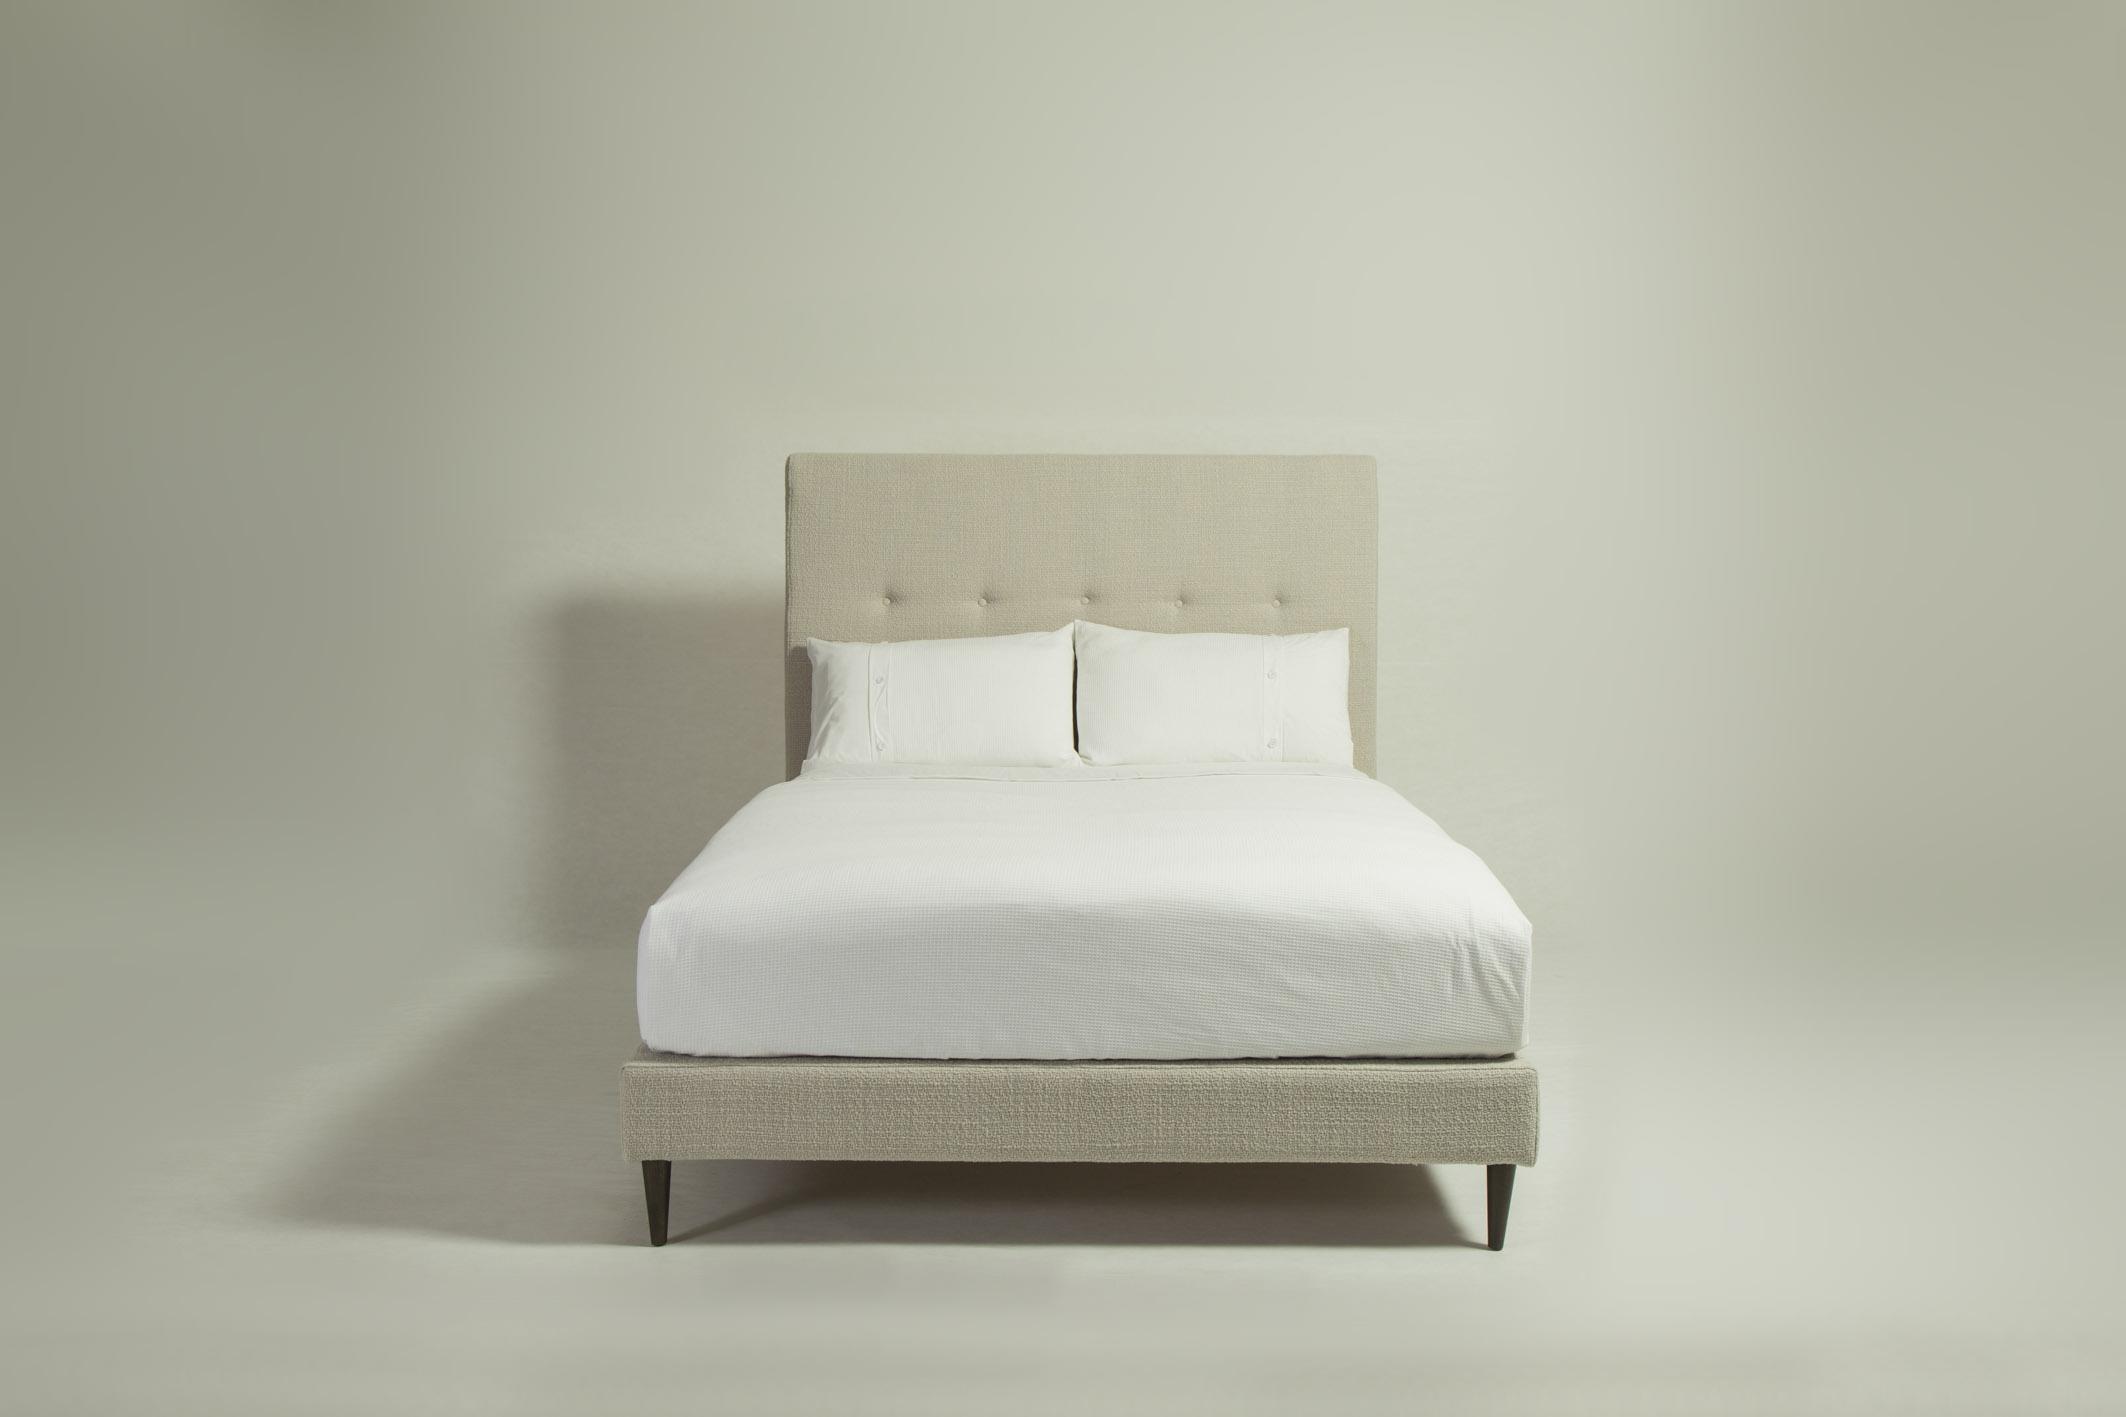 loft_bed_01.jpg